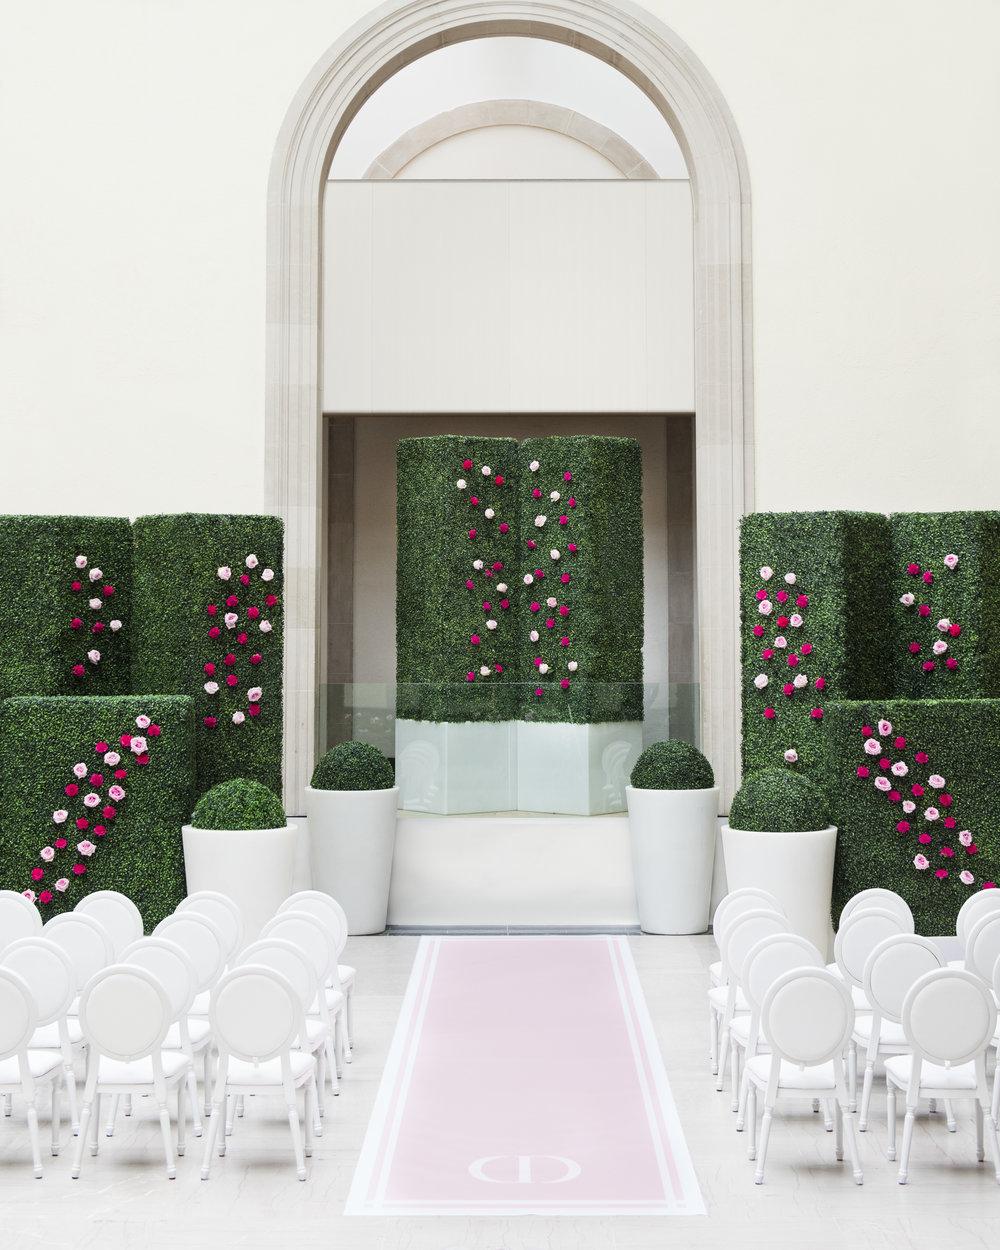 Garden ceremony - Dior Darling (Wedluxe)